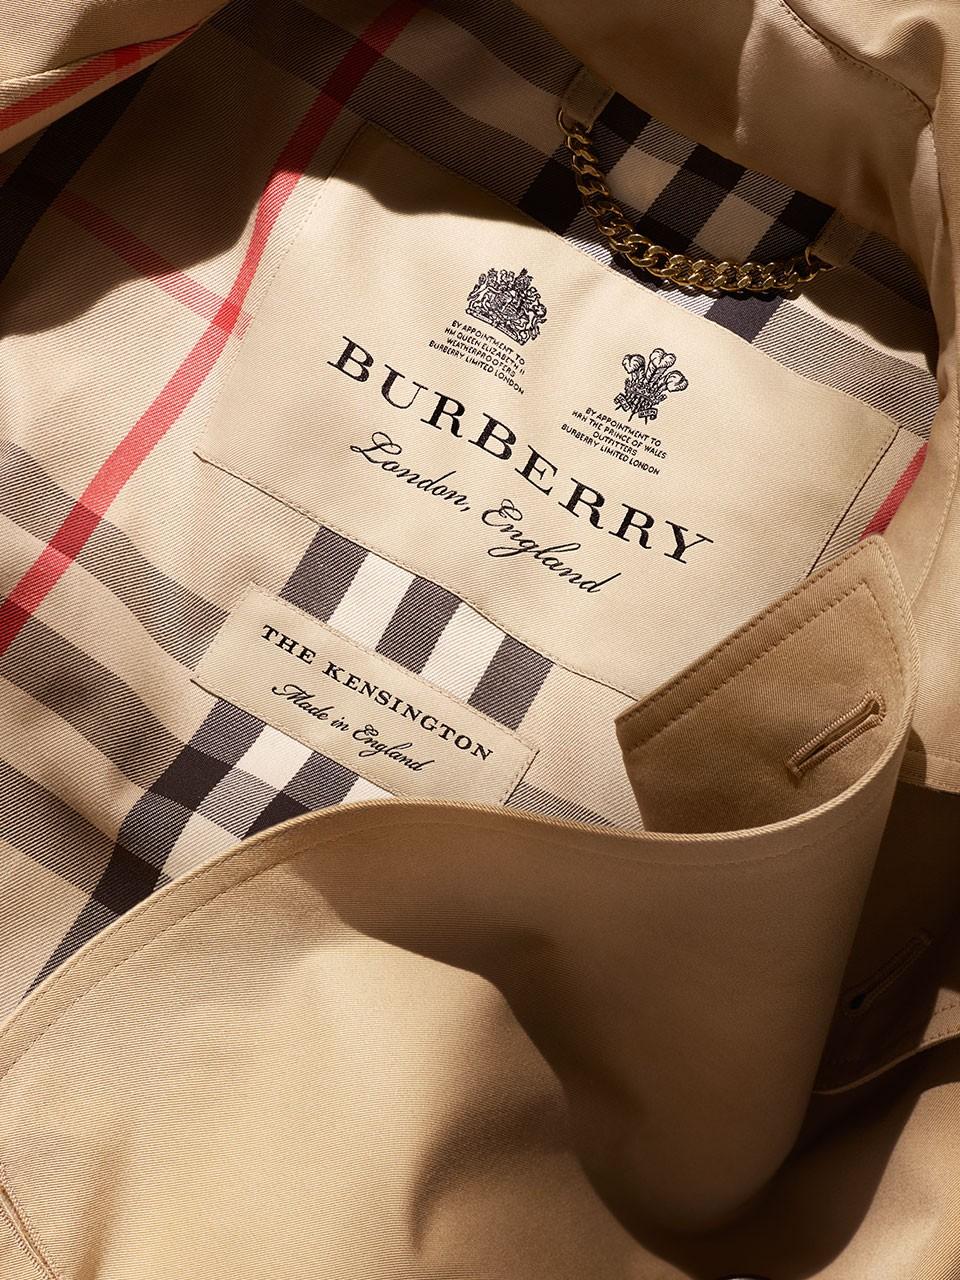 Thiết kế logo và hoạ tiết monogram của thương hiệu Burberry như là một biểu tượng trong thời trang cao cấp. Sự thay đổi táo bạo này đã làm dậy sóng dư luận trong giới mộ điệu thời trang. (Ảnh: Burberry)